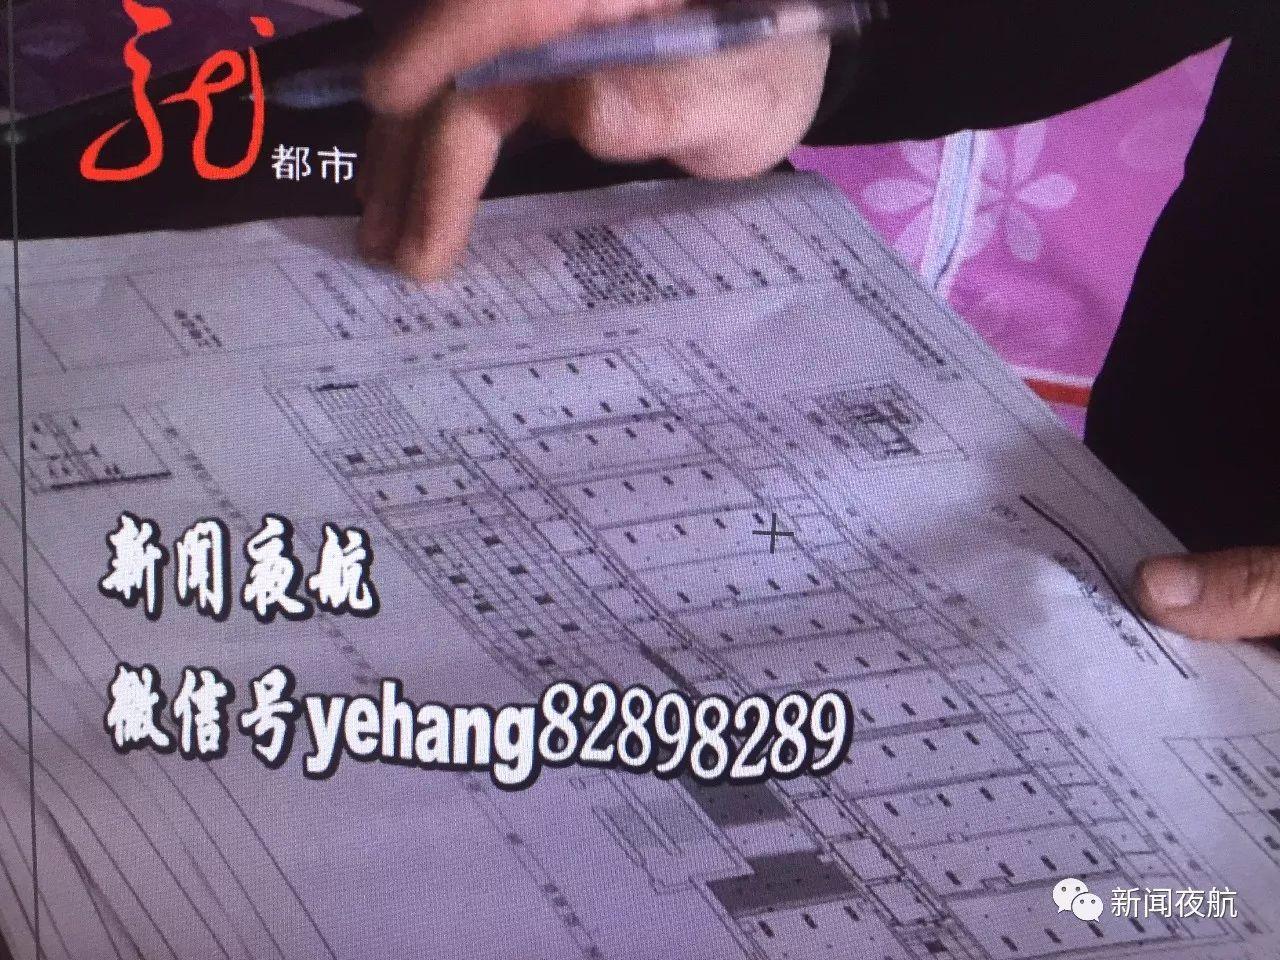 哈尔滨市民找中介买房,却被要求交16500元协调费!啥是协调费?大盛房地产咋解释?